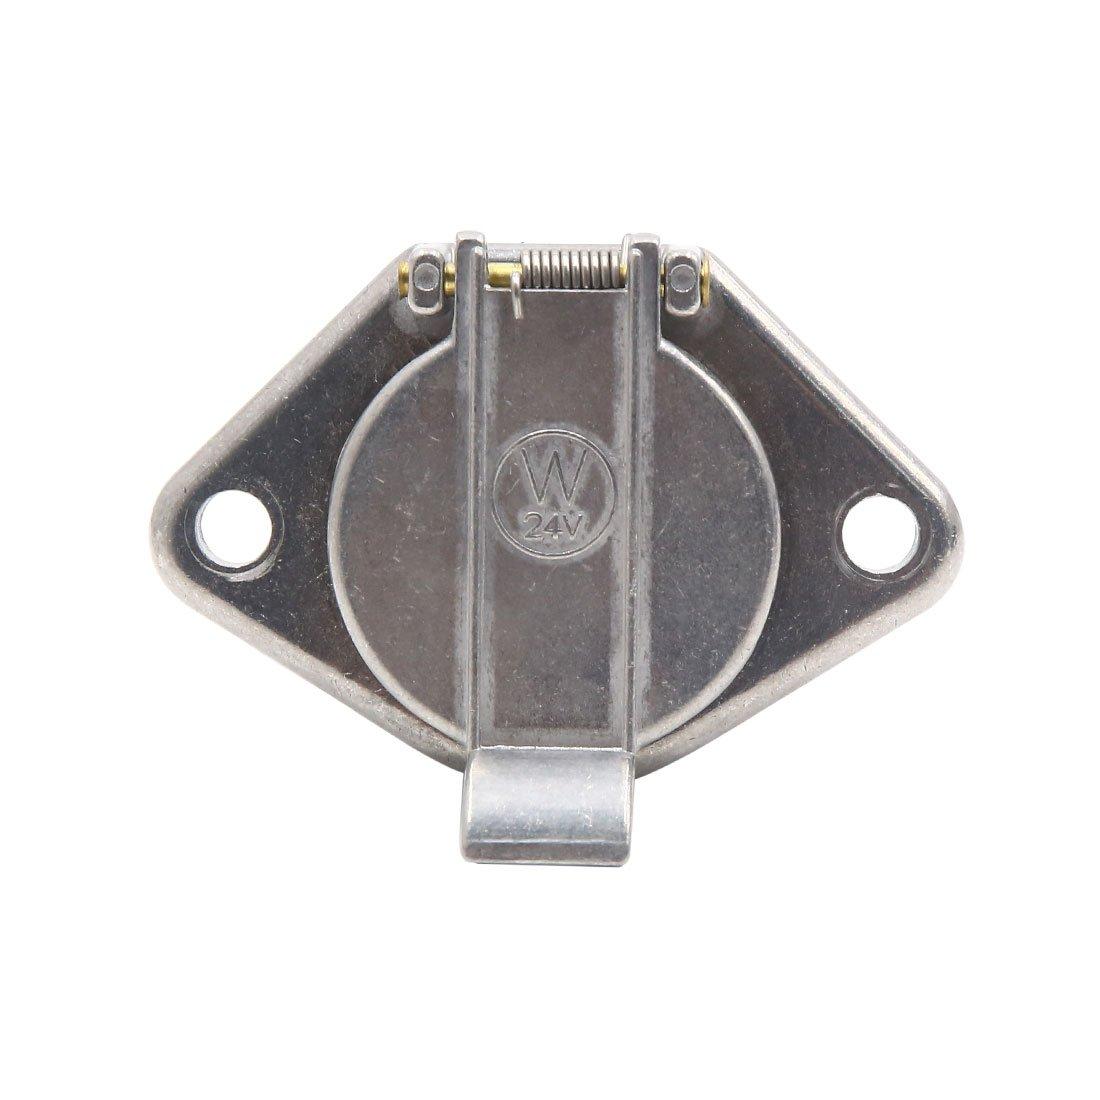 uxcell 7 Pin Aluminum Alloy Euro Socket Car Trailer Towing Bar Siganl Light Adapter 24V